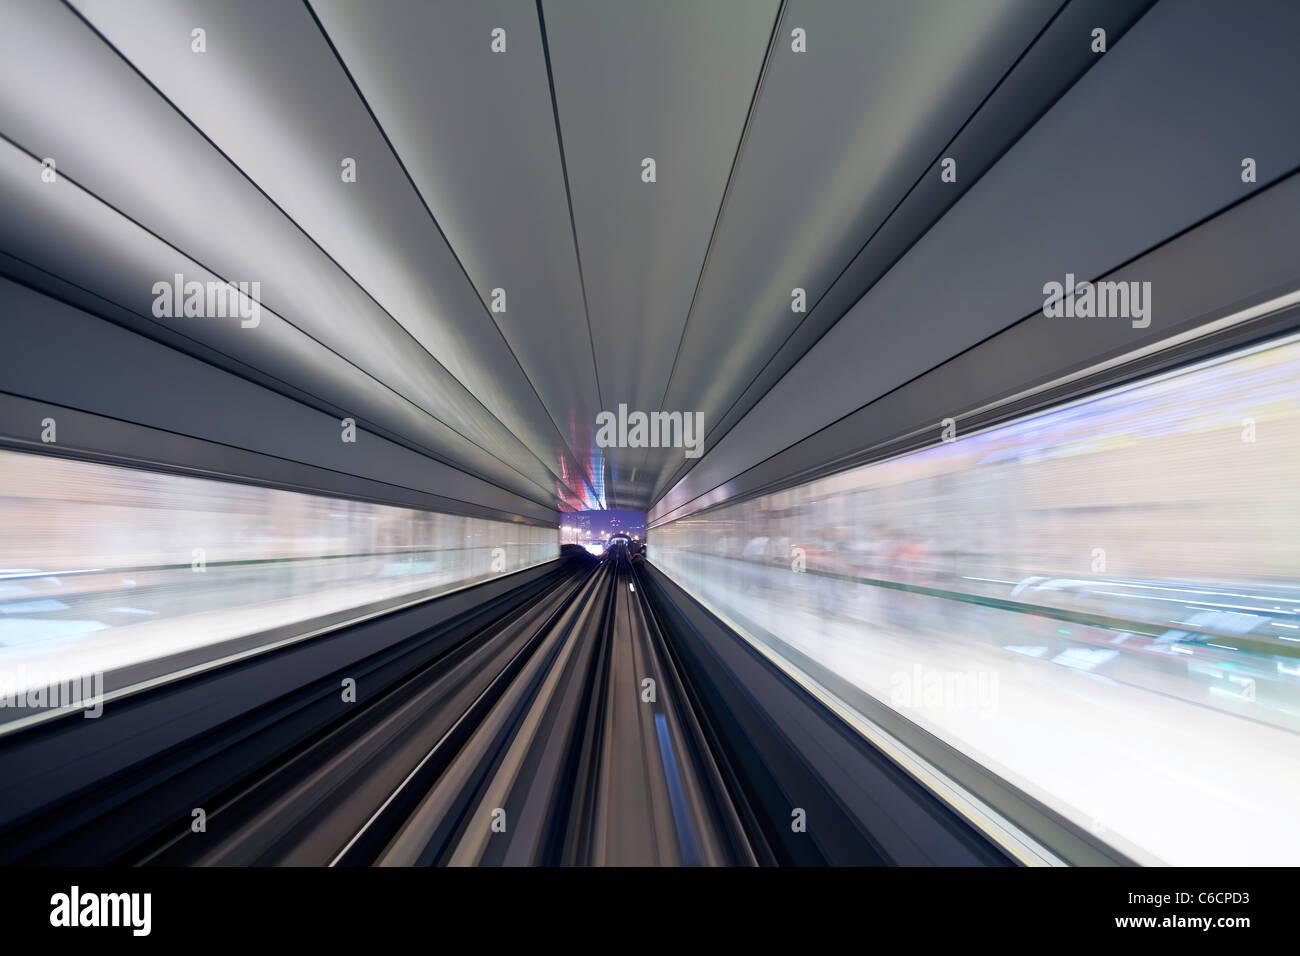 Aperto nel 2010, il Dubai metropolitana MRT, in movimento in avvicinamento una stazione, Dubai, Emirati Arabi Uniti Immagini Stock